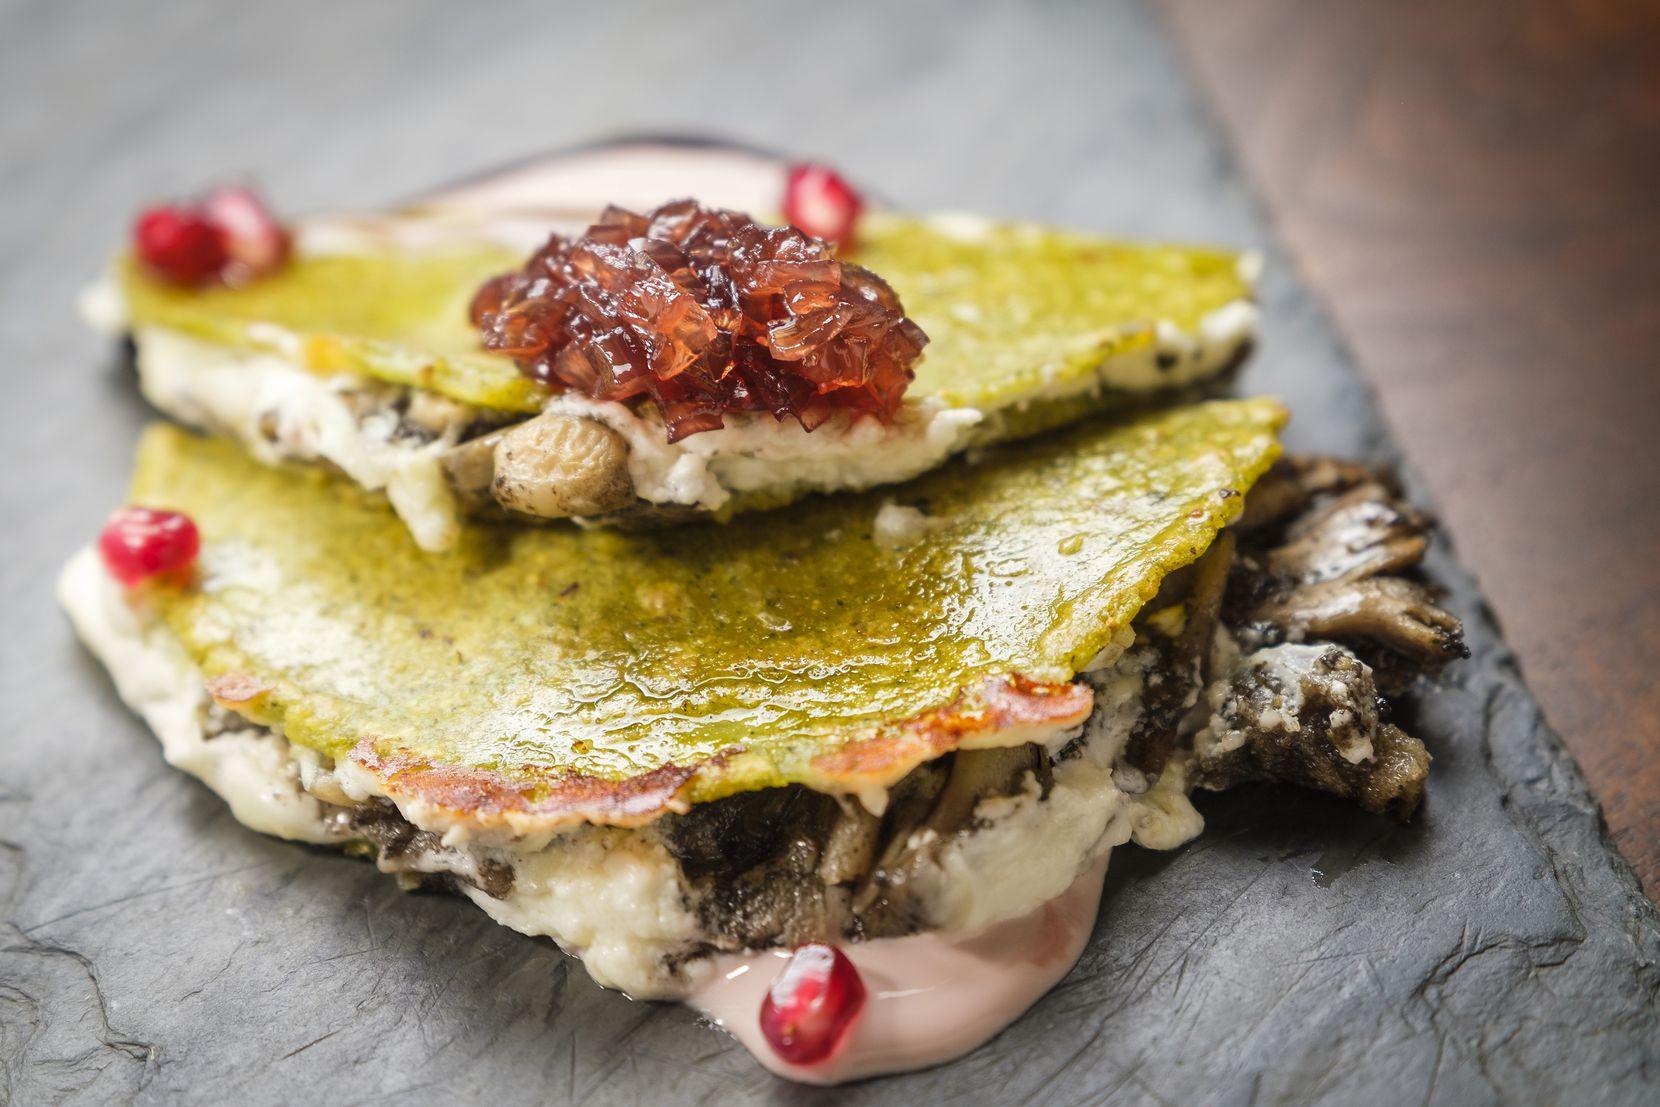 Fall mushroom quesadilla